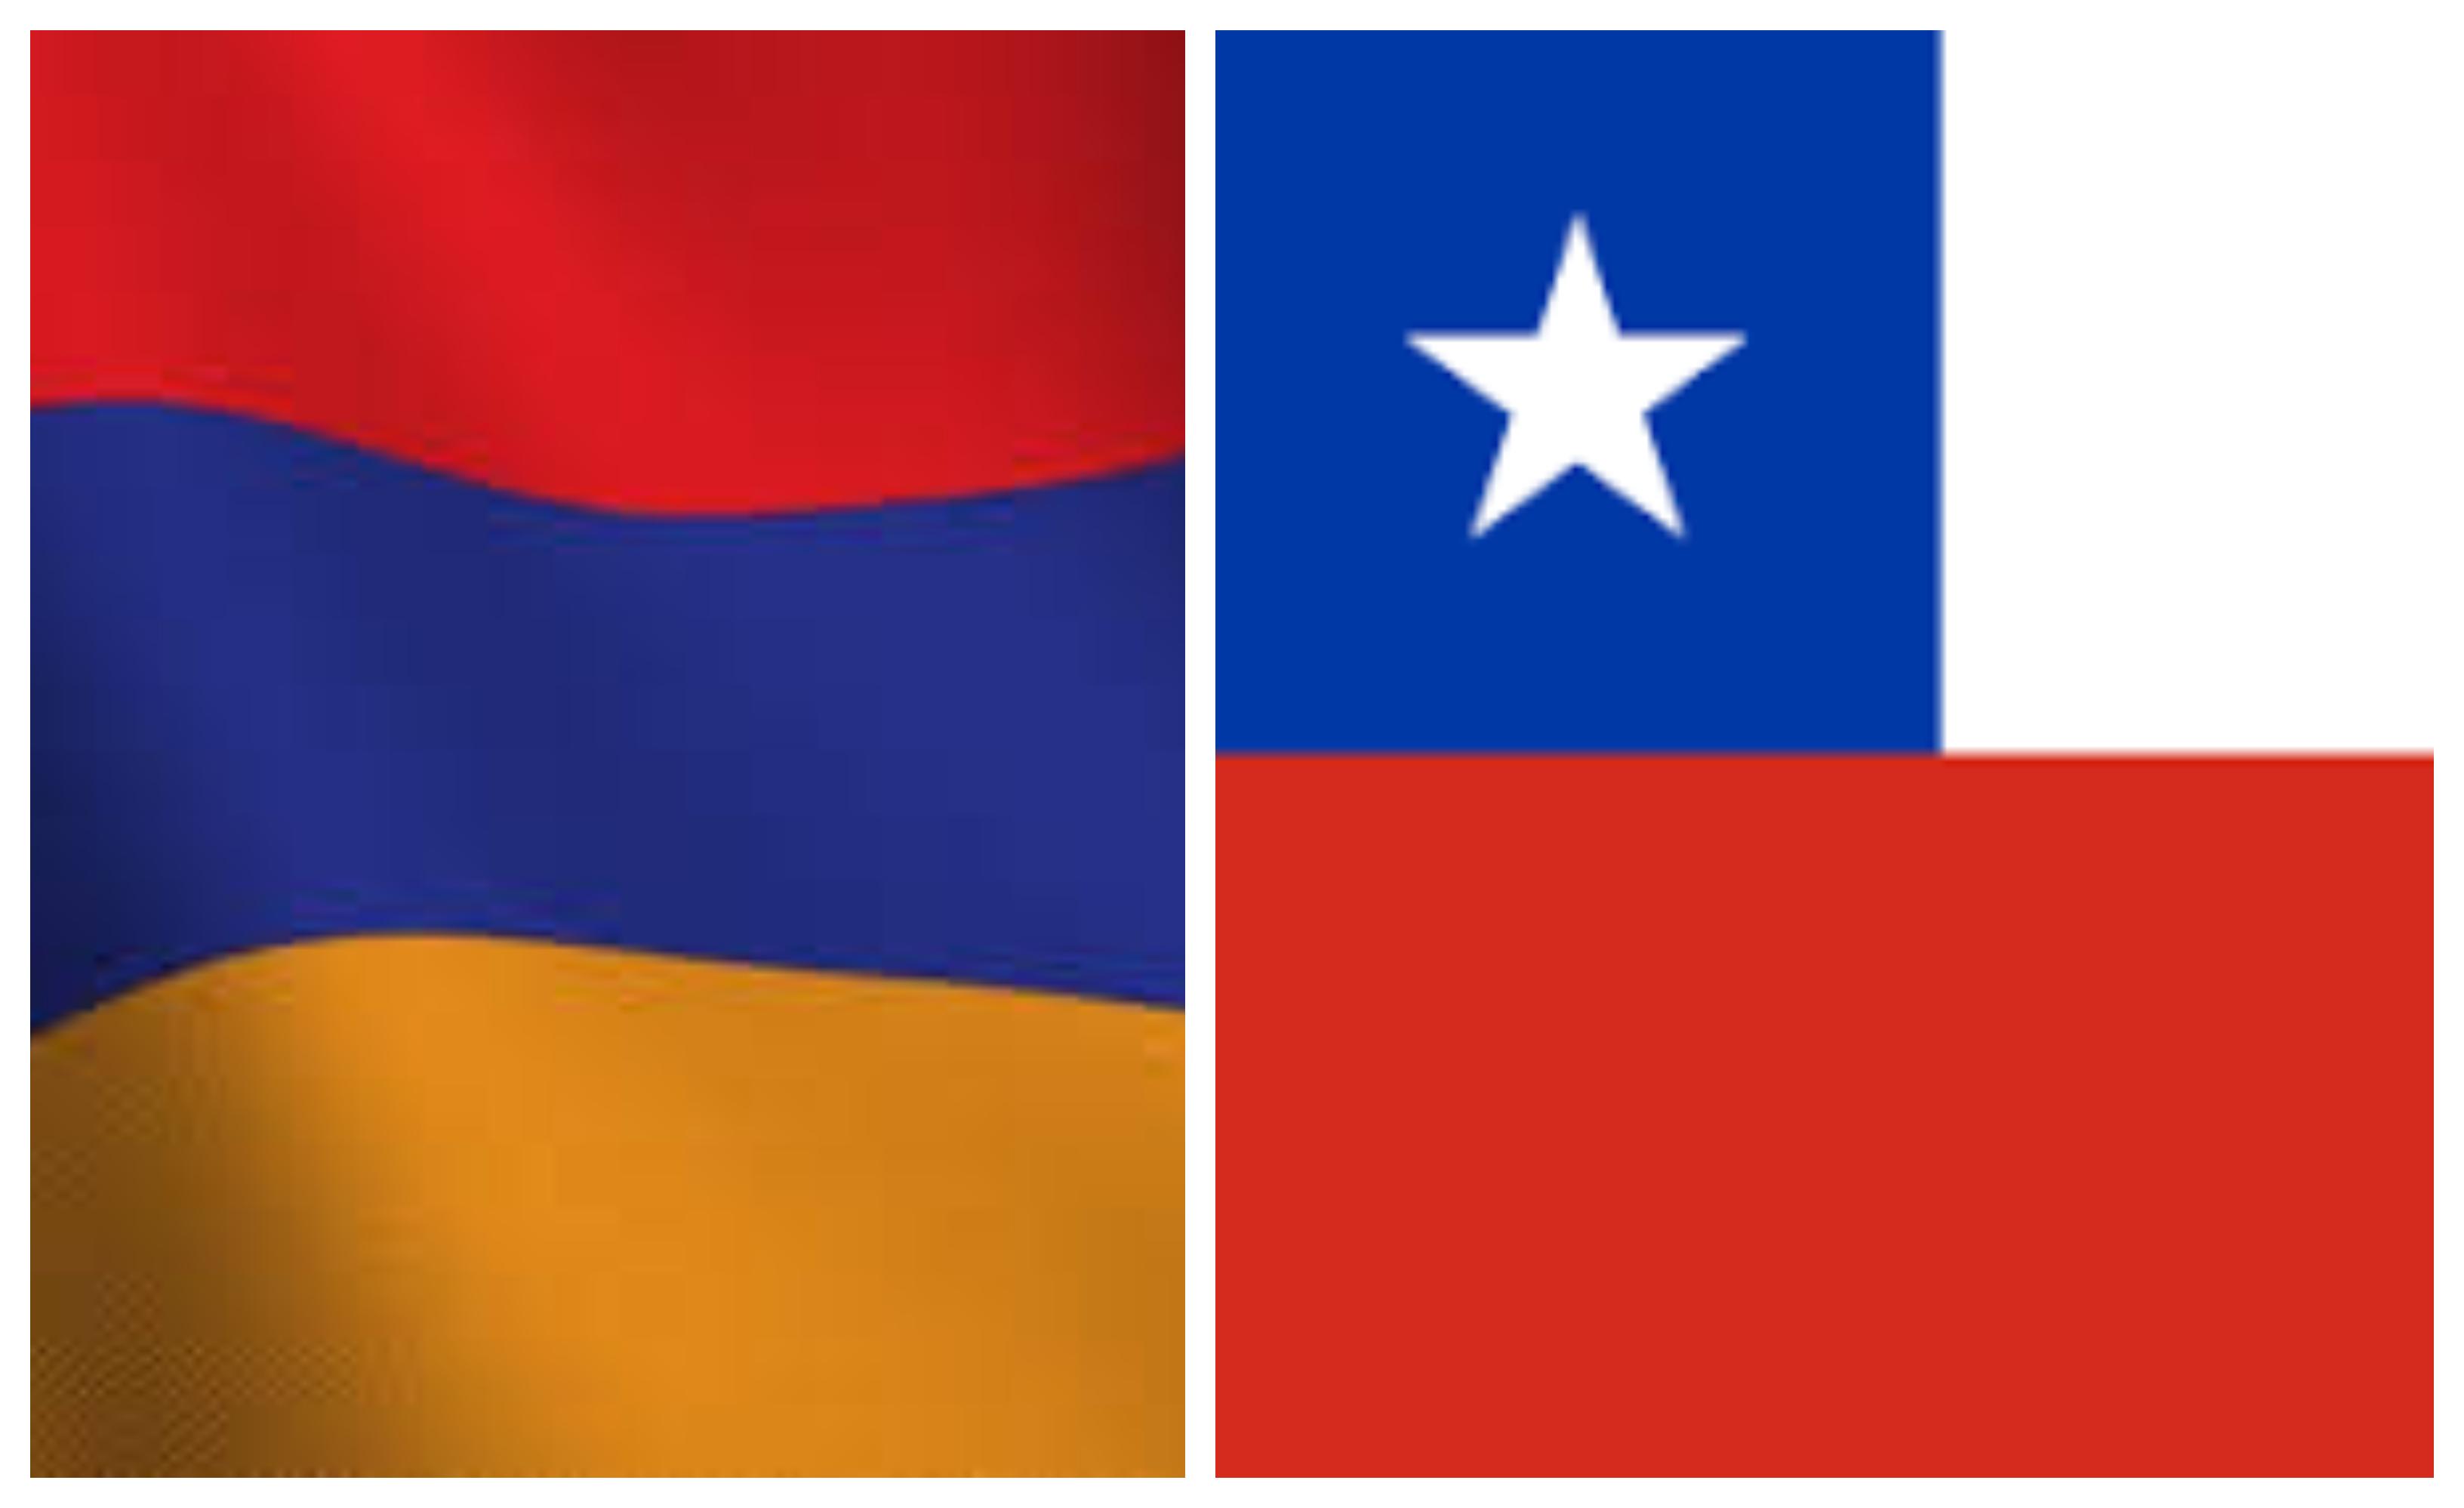 Քննարկվել են հայ-չիլիական տնտեսական գործակցության հնարավորությունները